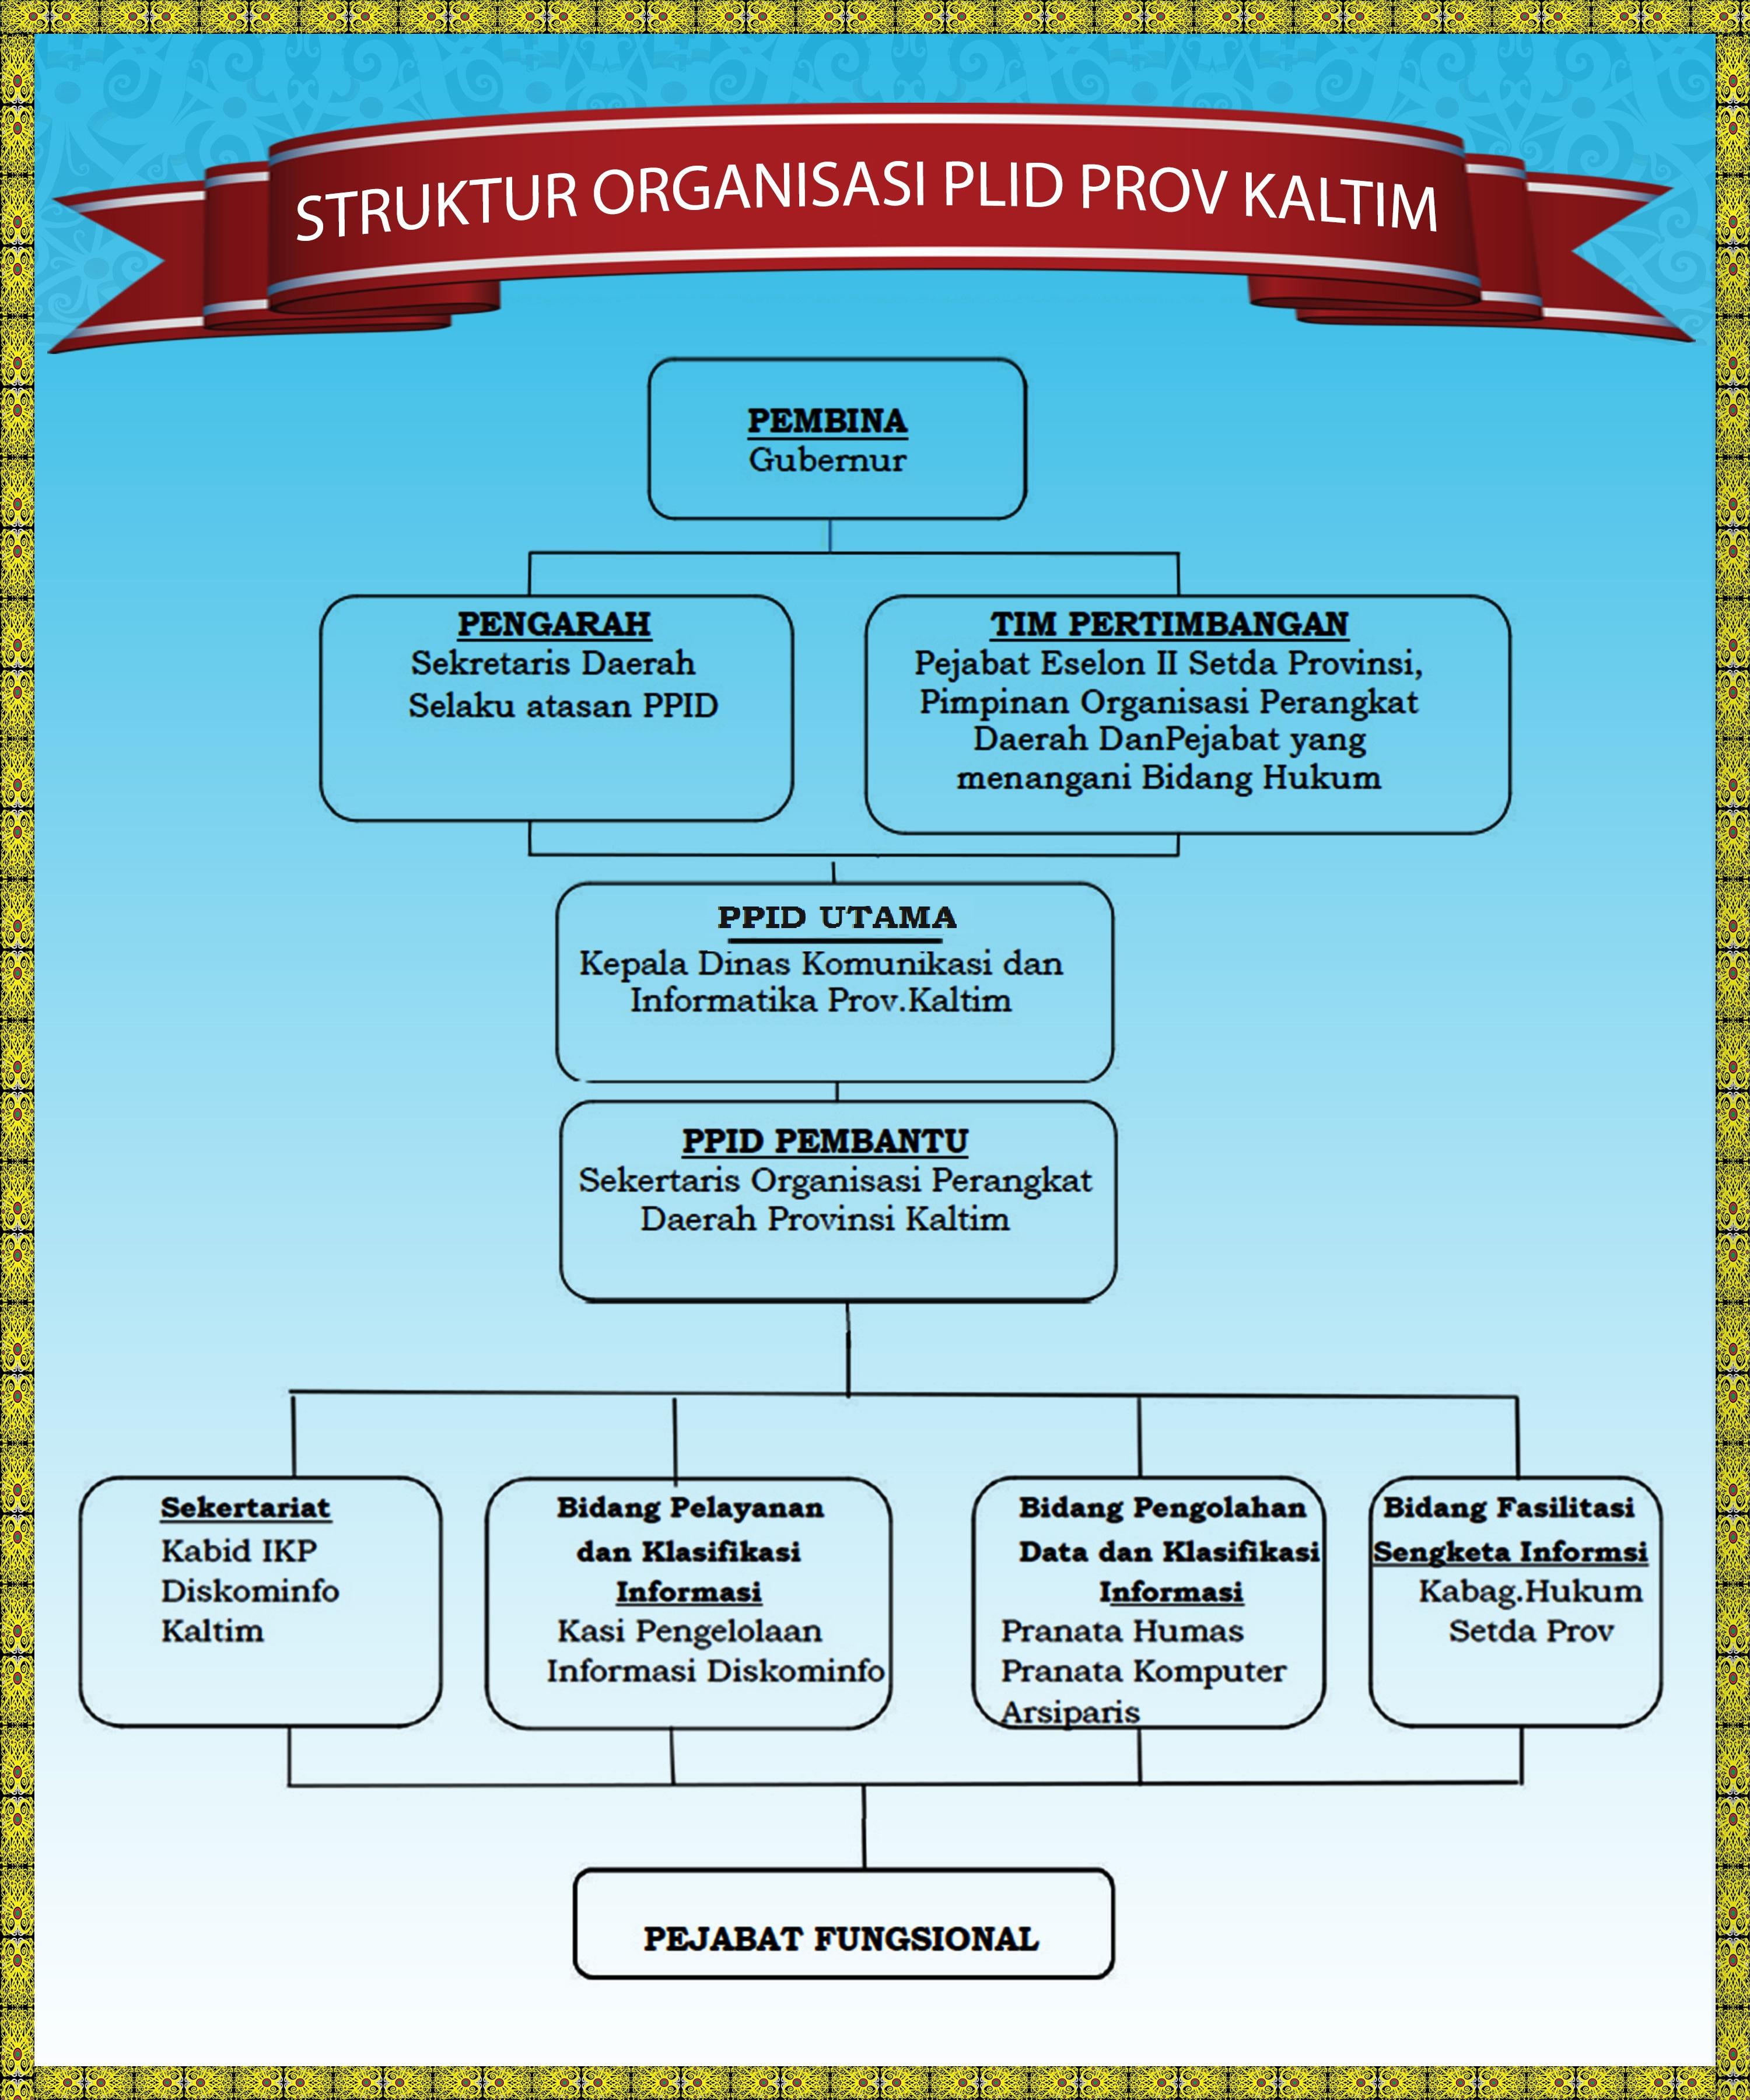 Struktur Organisasi PPID Provinsi Kaltim